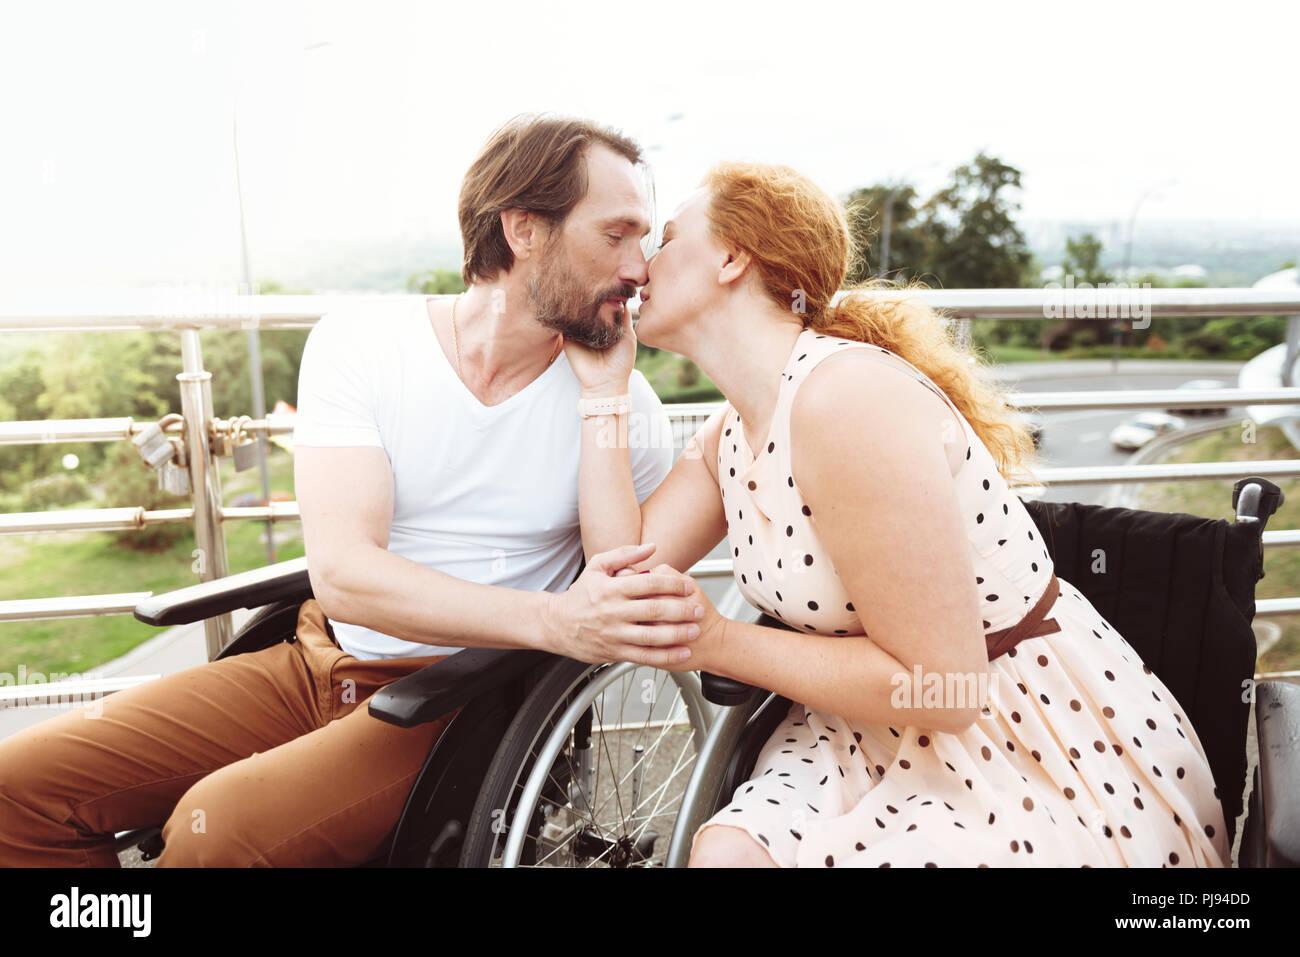 Armoniosa Coppia matura kissing all'aperto Immagini Stock